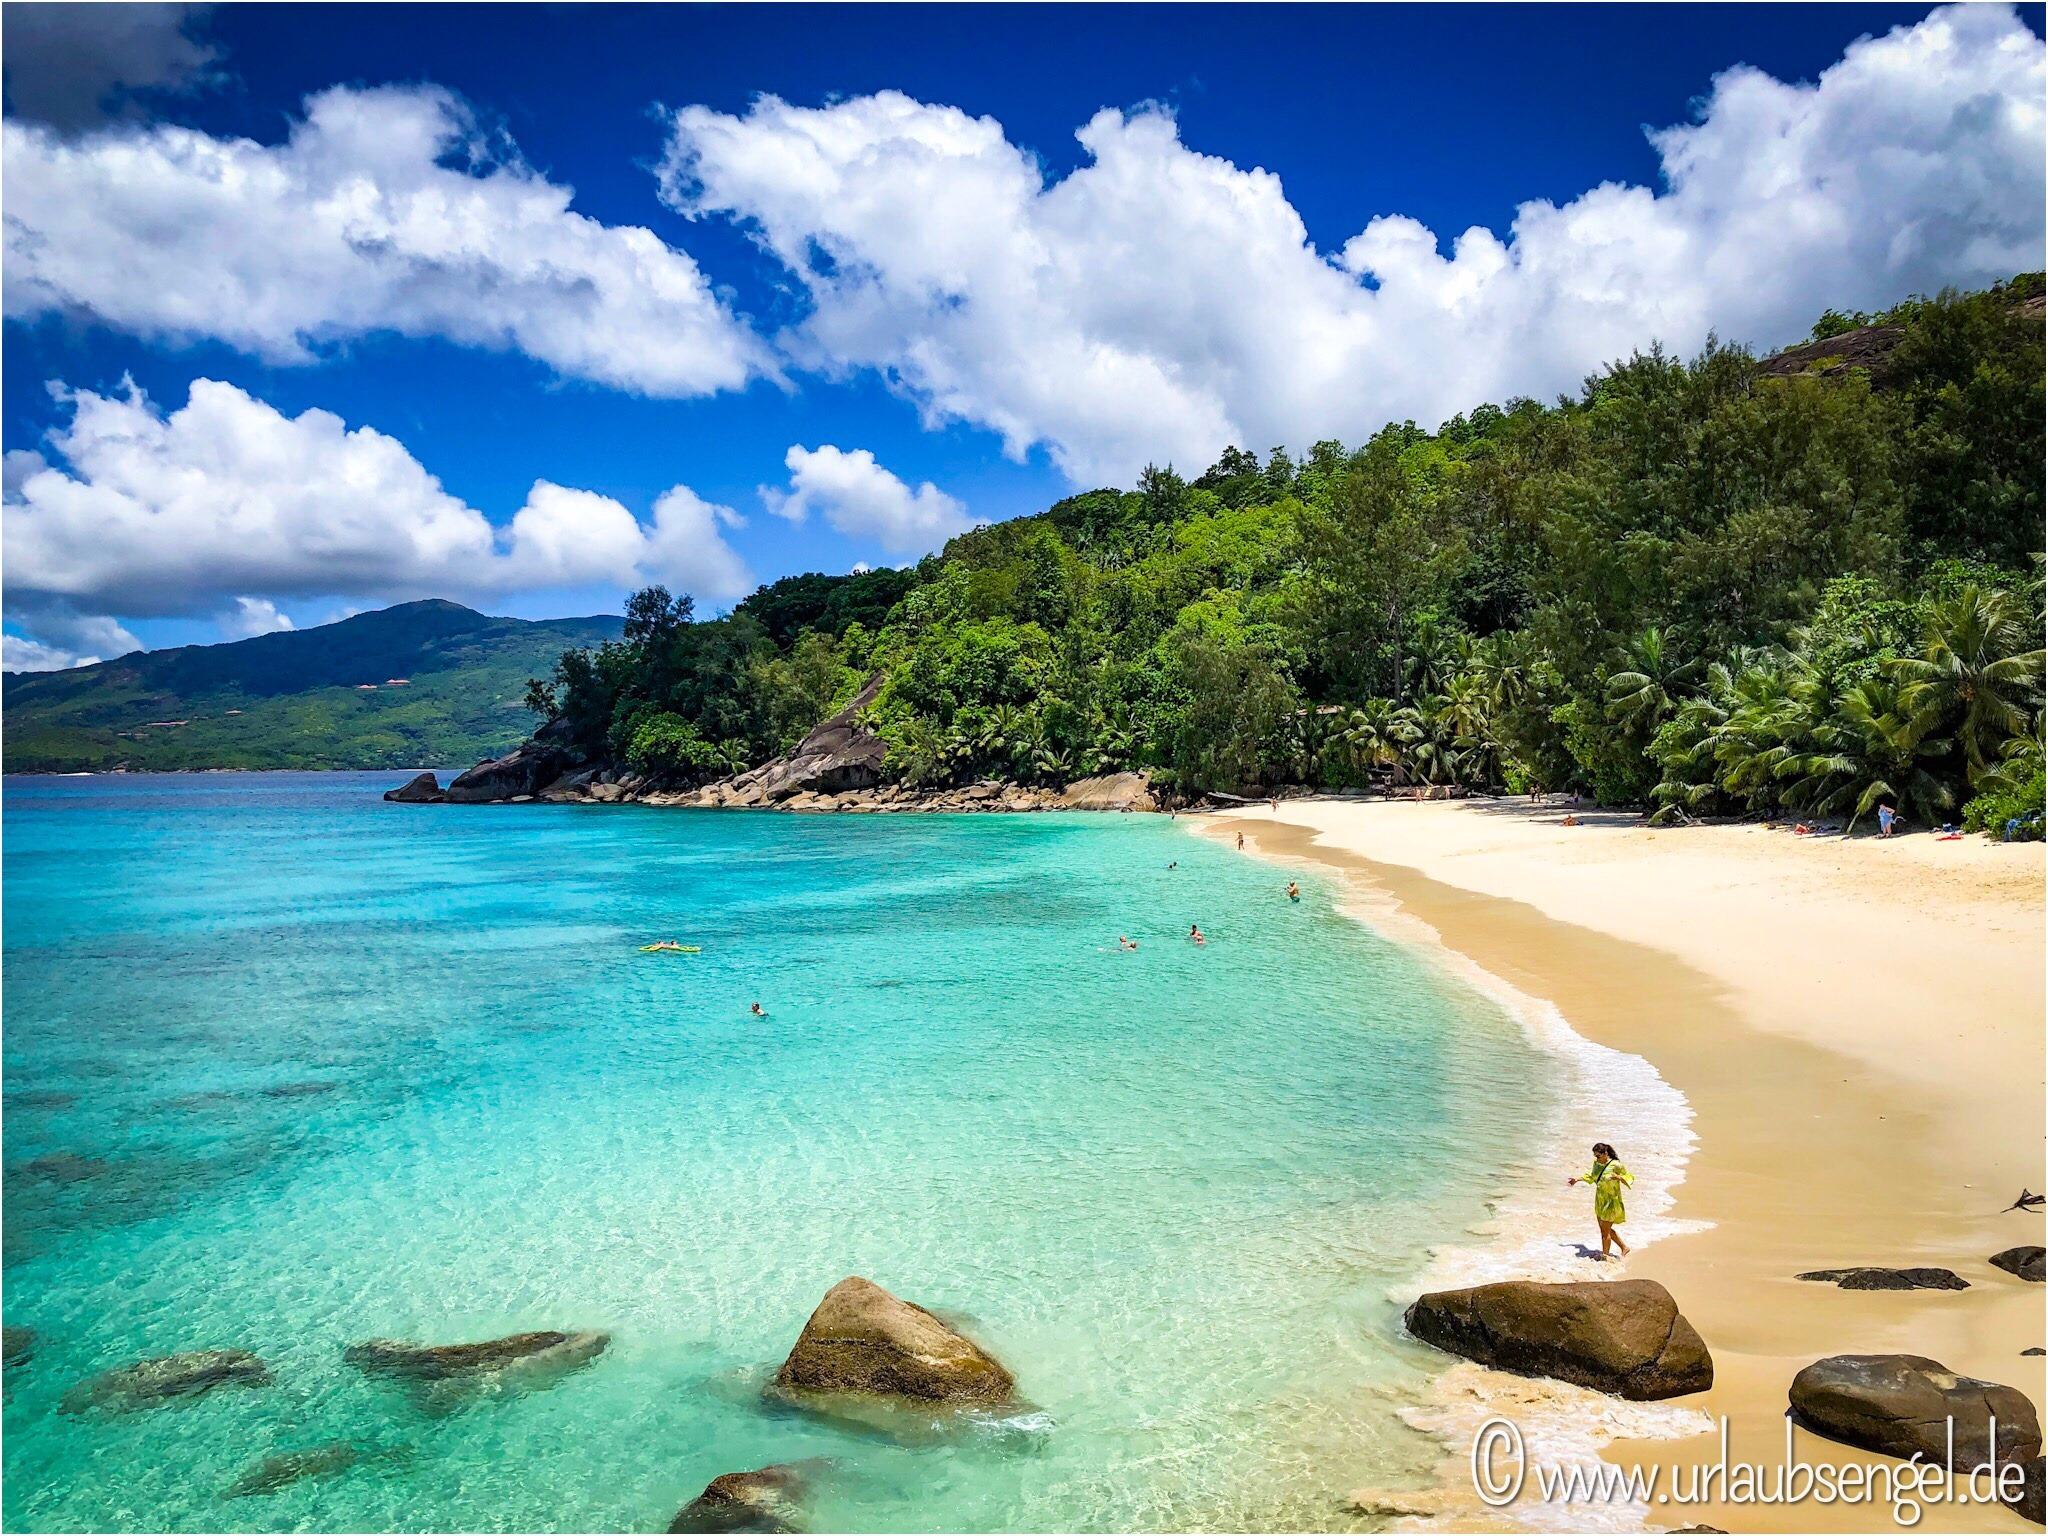 Mahé Seychellen, Traumstrand mit Palmen